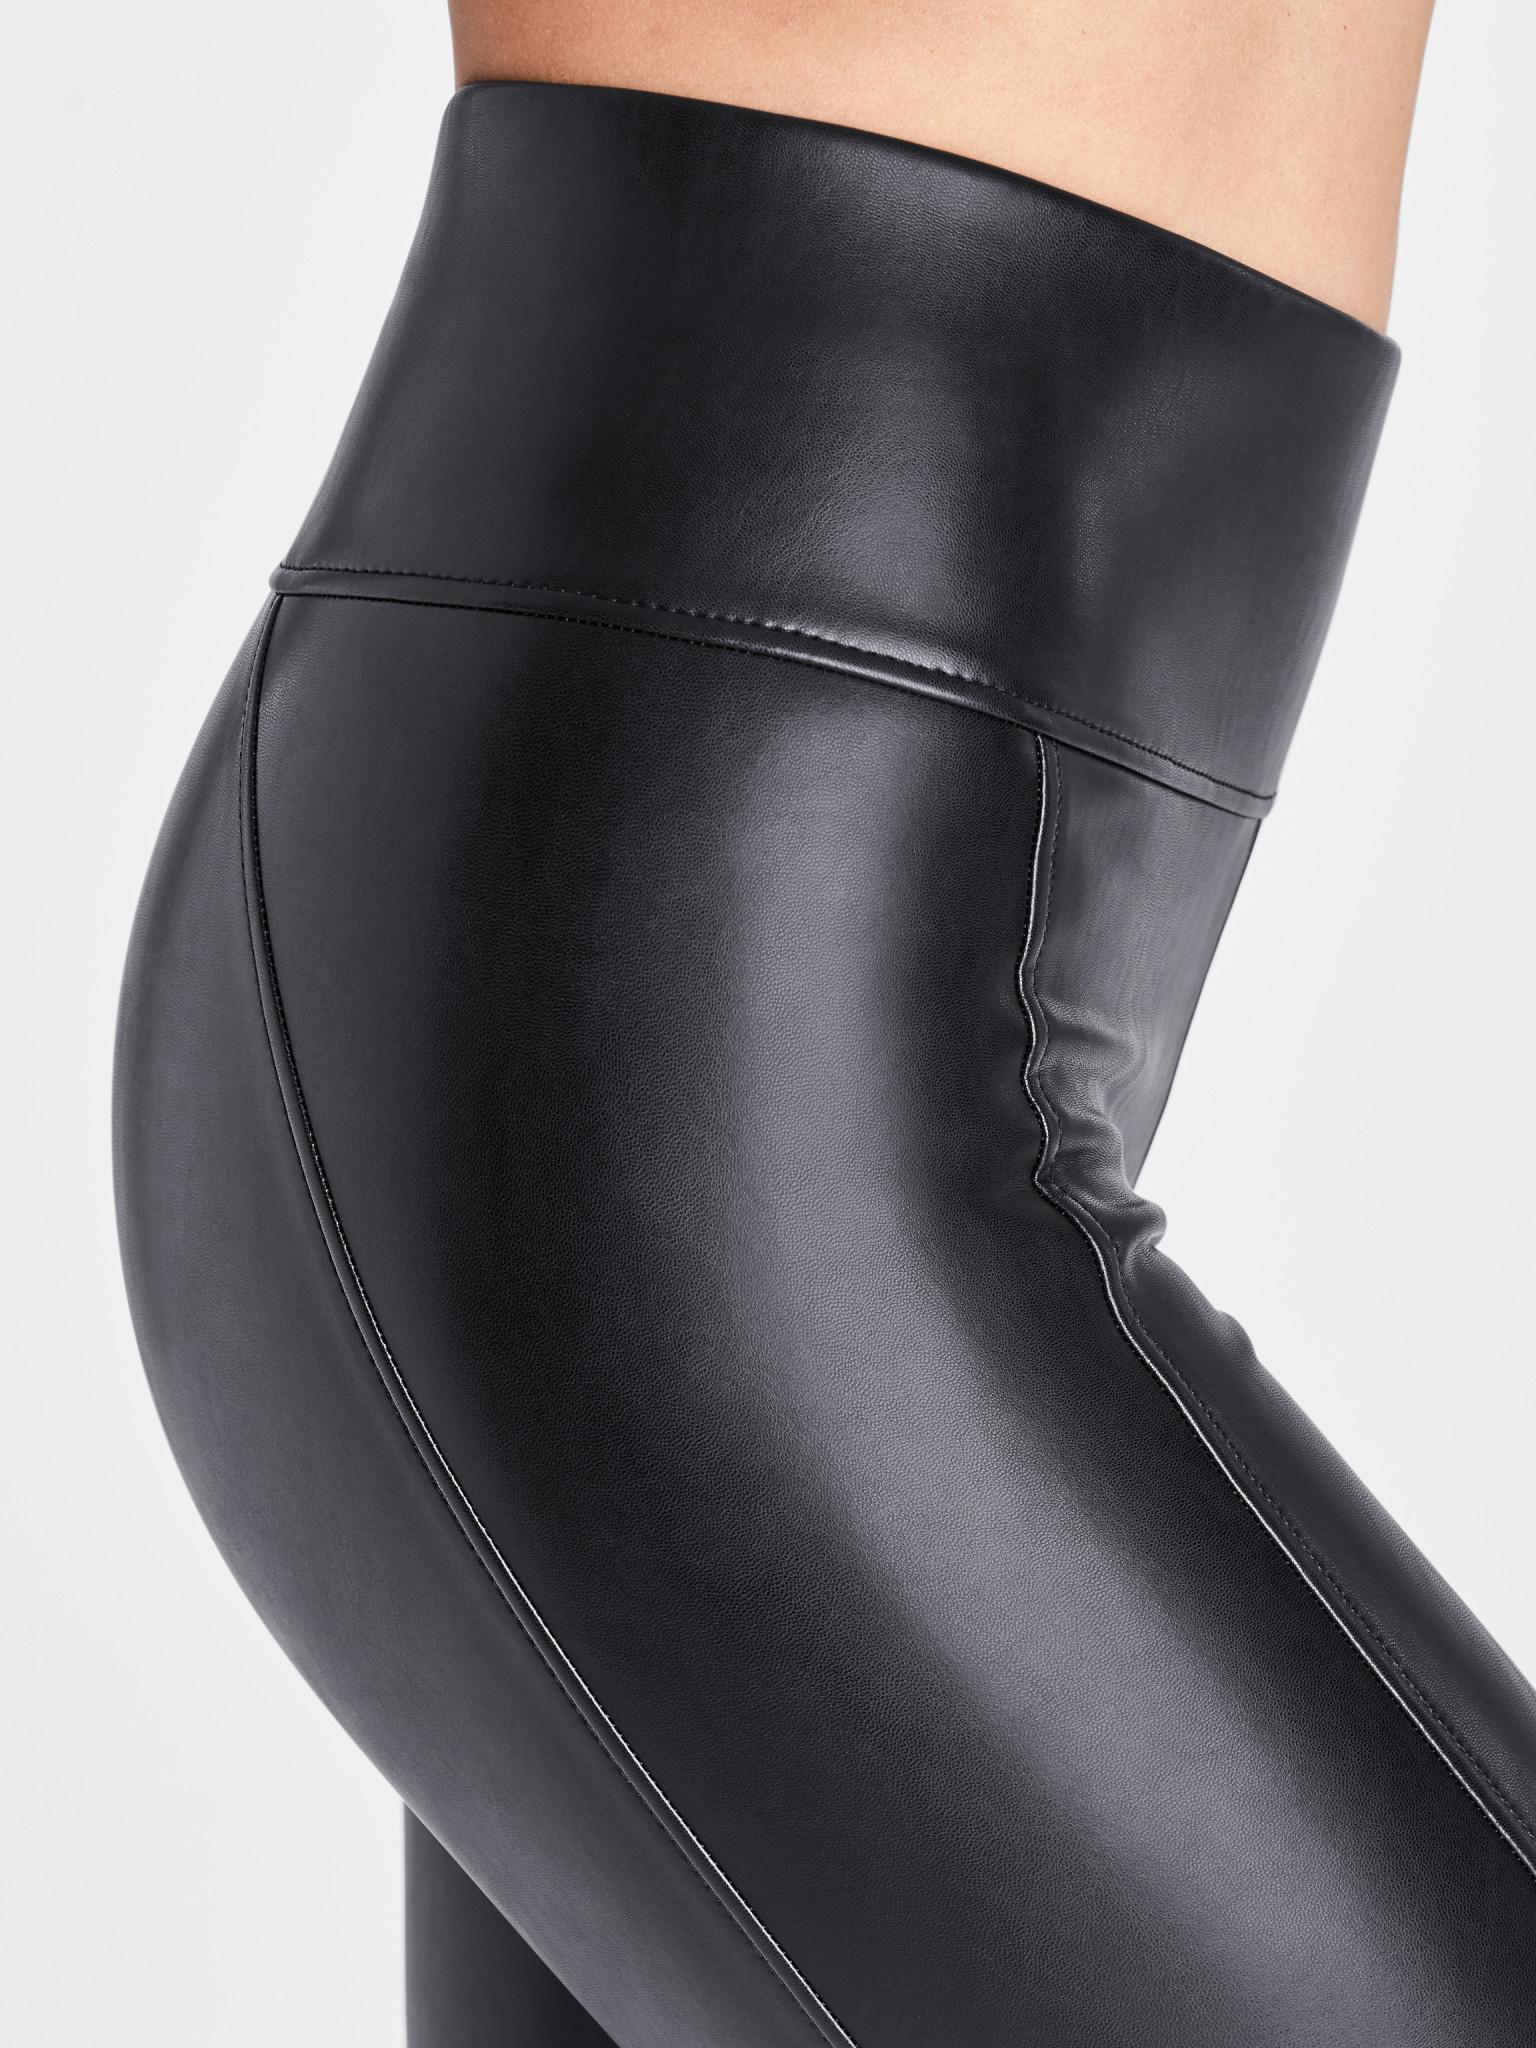 WOLFORD 19298 Edie Forming Leggings